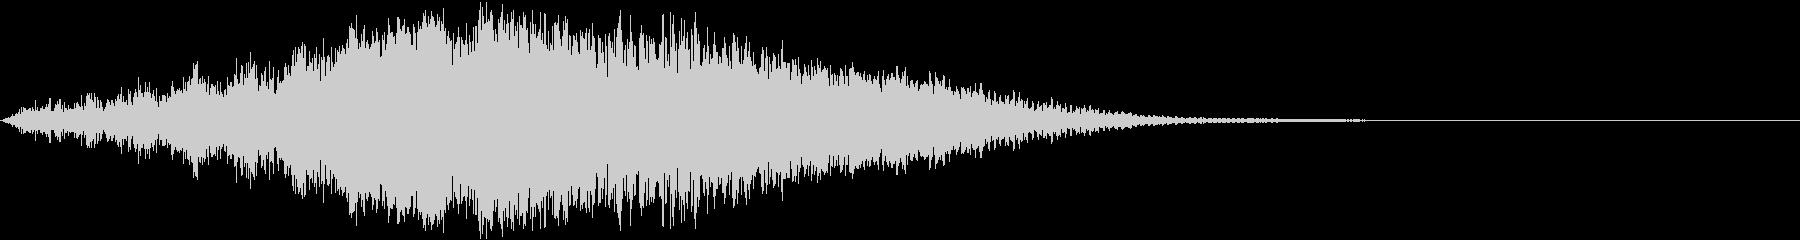 攻撃 スマッシュ シャキーン 魔法 05の未再生の波形